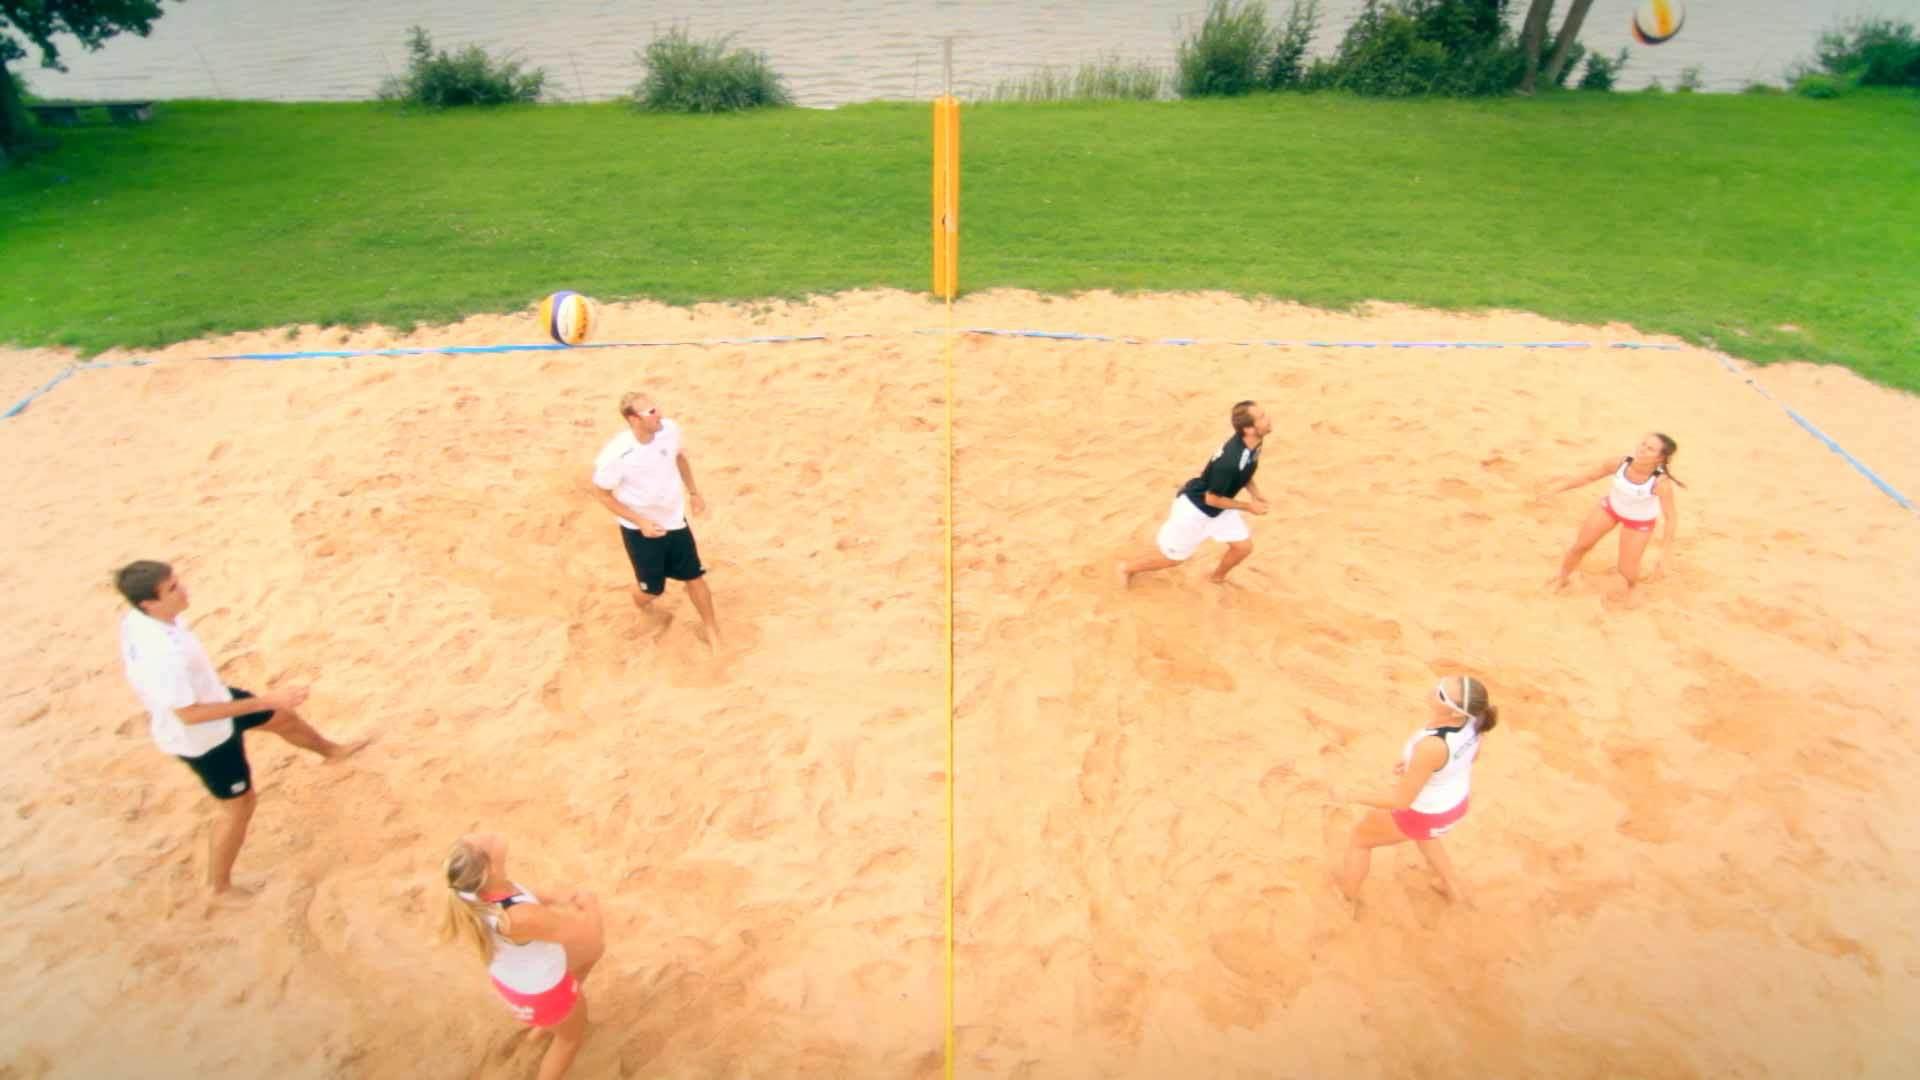 Raus an die frische Luft mit Euch: 3 Tipps für sommerlichen Sport-Spaß